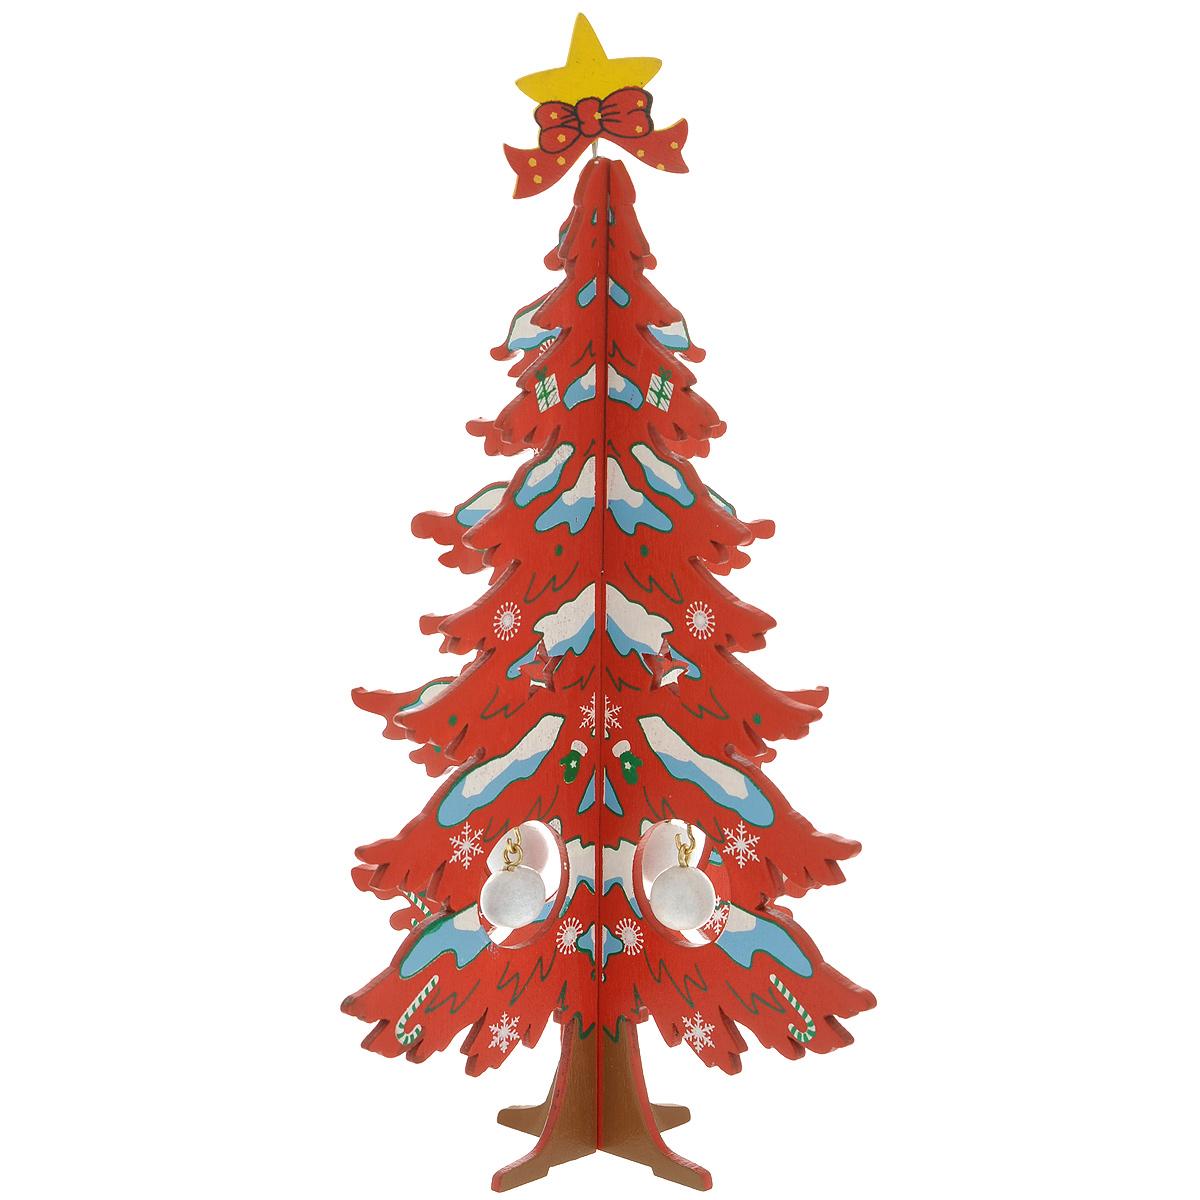 Украшение новогоднее Елочка снежная, цвет: красный, 17 см. 3526135261Украшение Елочка снежная, изготовленное из дерева, отлично подойдет для декорации вашего дома. Украшение выполнено в виде заснеженной ели, которая собирается из двух частей крест-накрест. Елка украшена снежинками, верхушкой-звездой и новогодними шариками, которые подвешиваются на металлические крючки. Новогодние украшения всегда несут в себе волшебство и красоту праздника. Создайте в своем доме атмосферу тепла, веселья и радости,украшая его всей семьей.